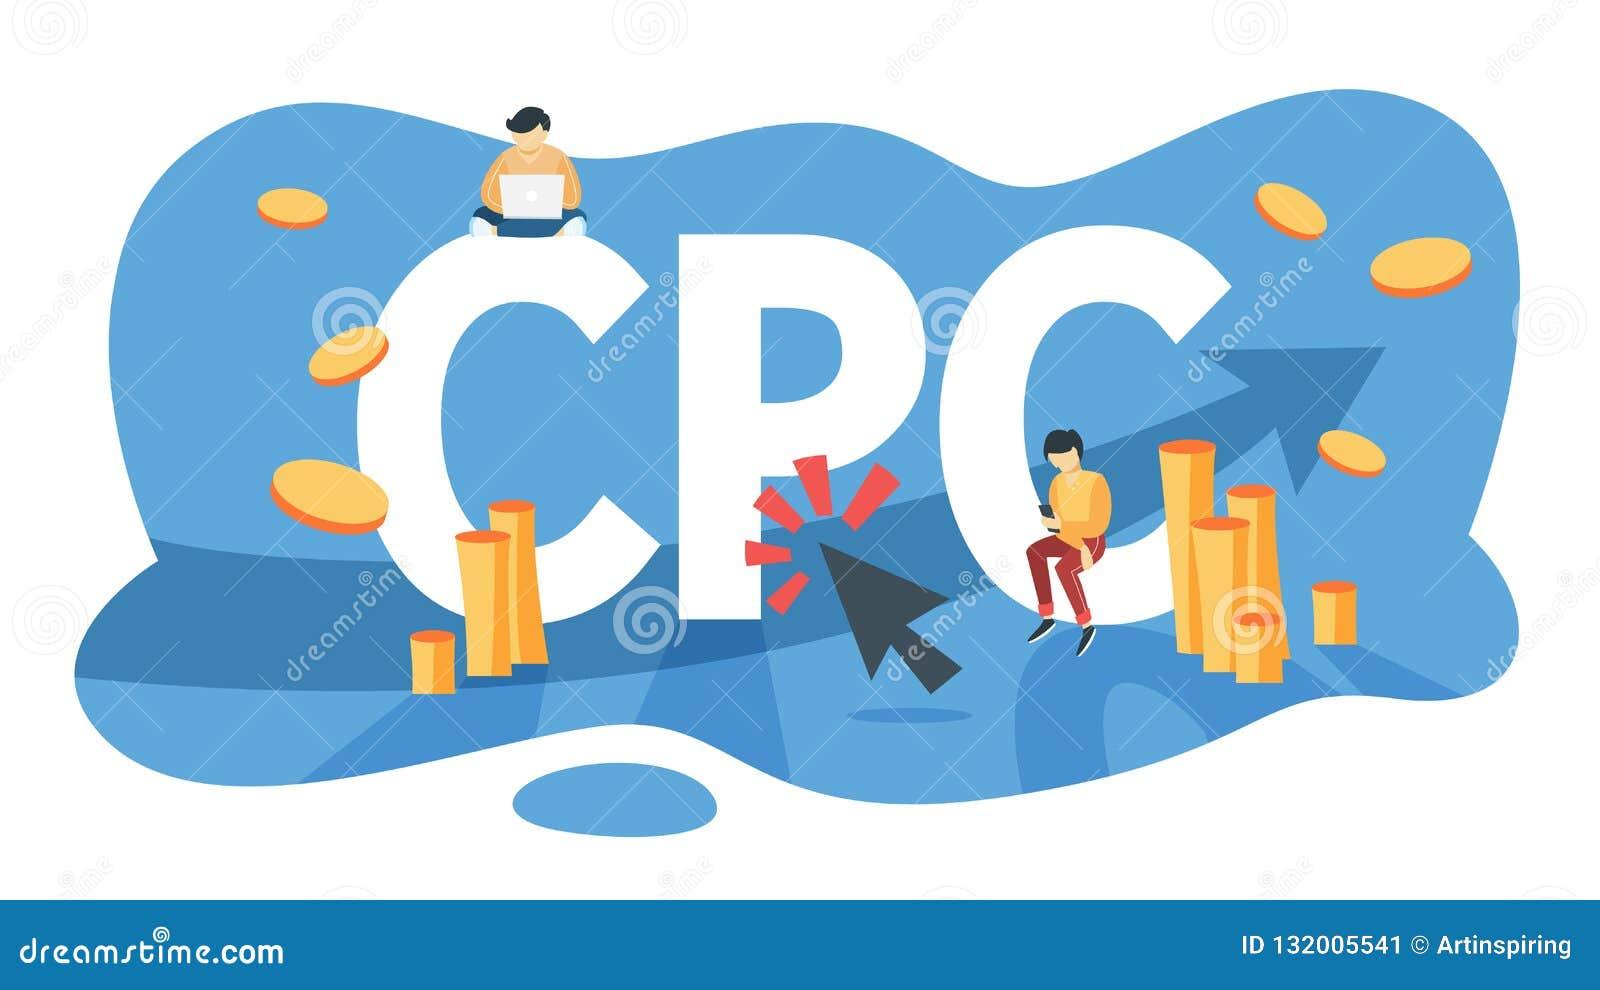 CPC kostar per klicken som annonserar i internet